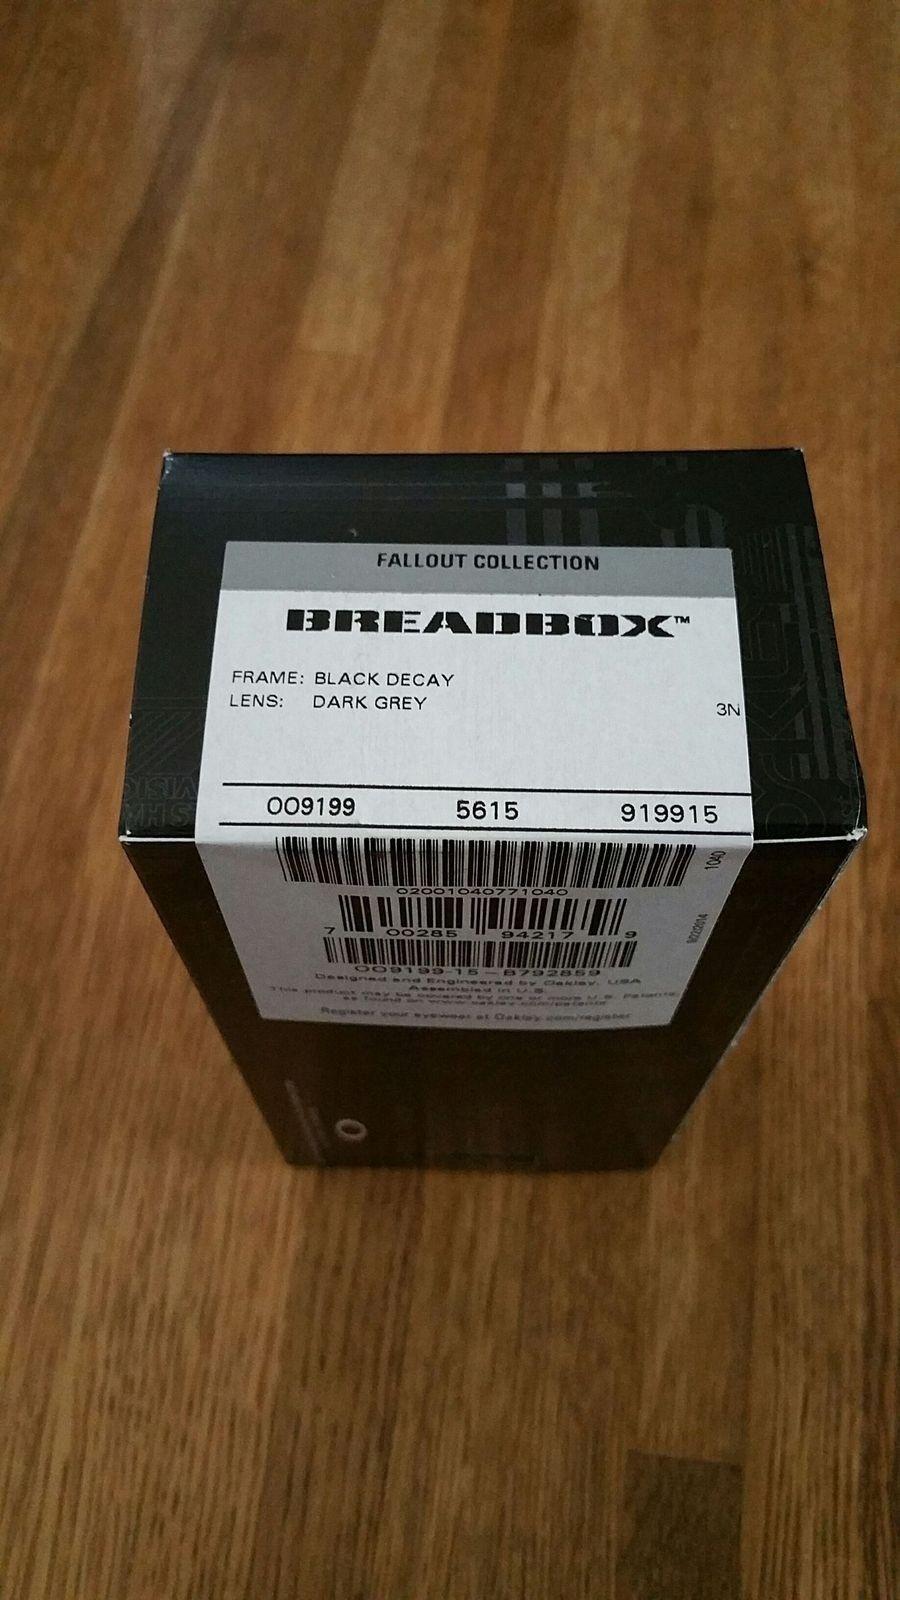 BNIB Fallout Breadbox - 1441310243234.jpg